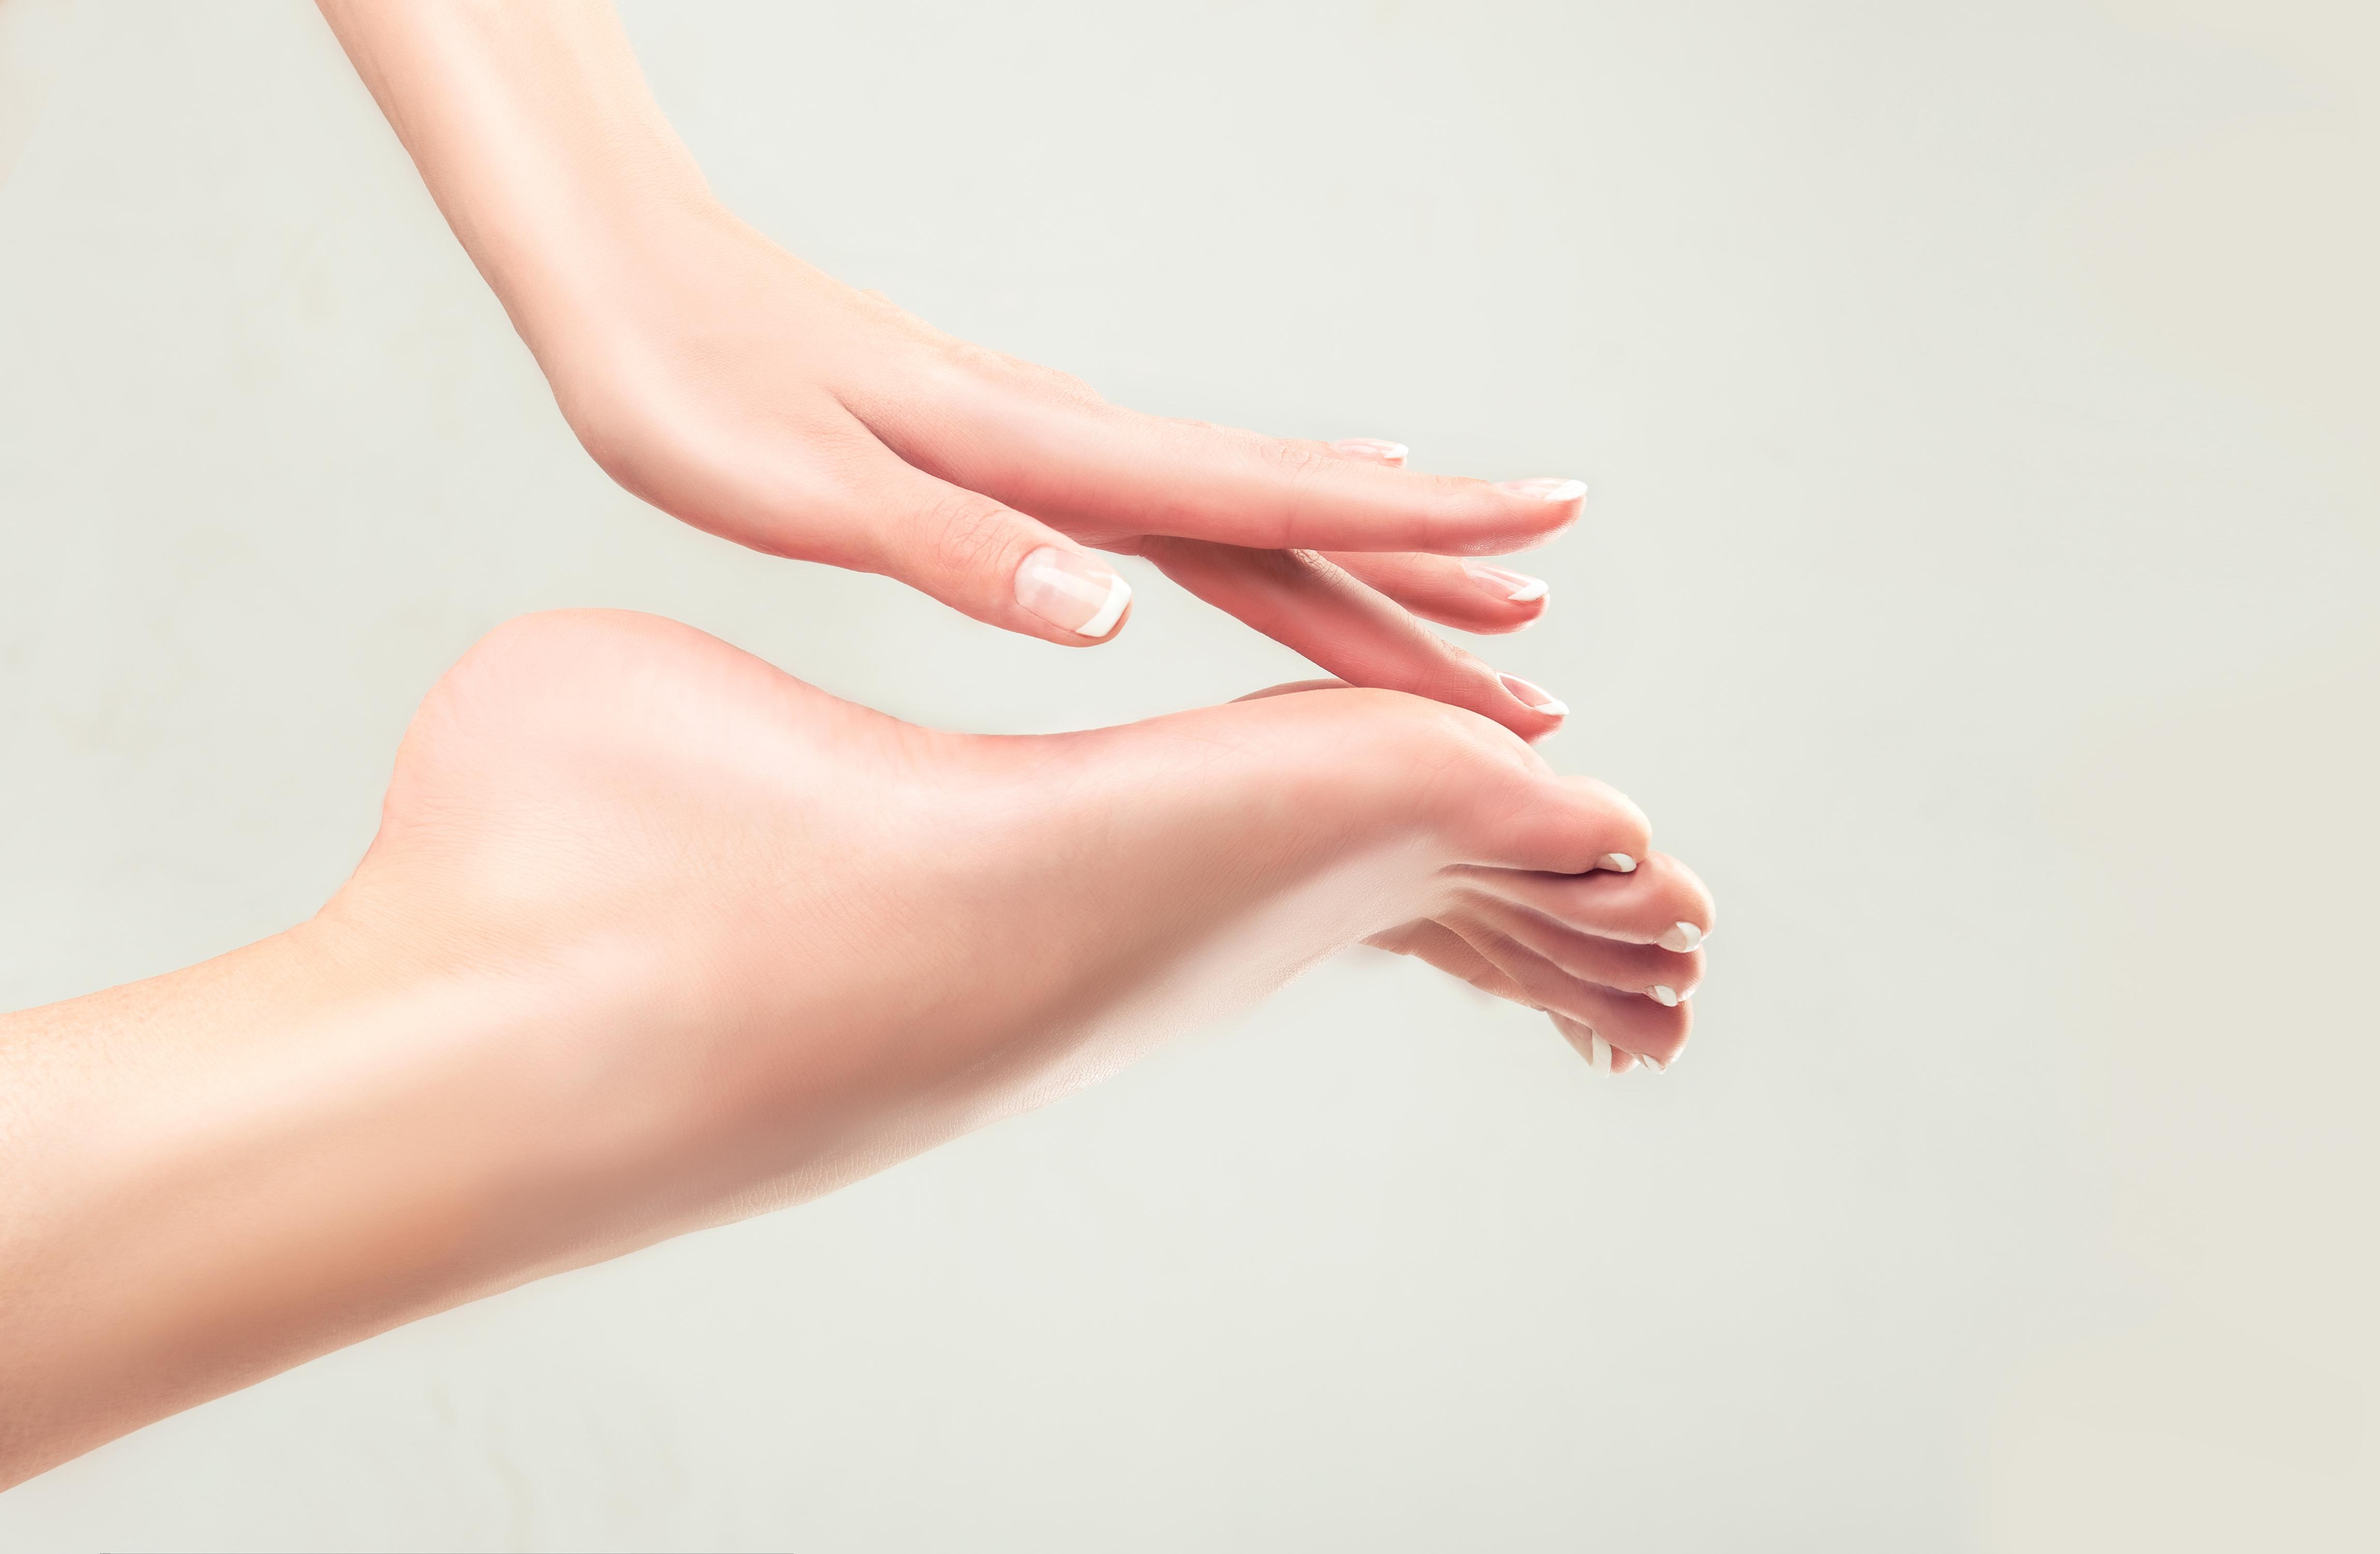 Perfect clean female feet